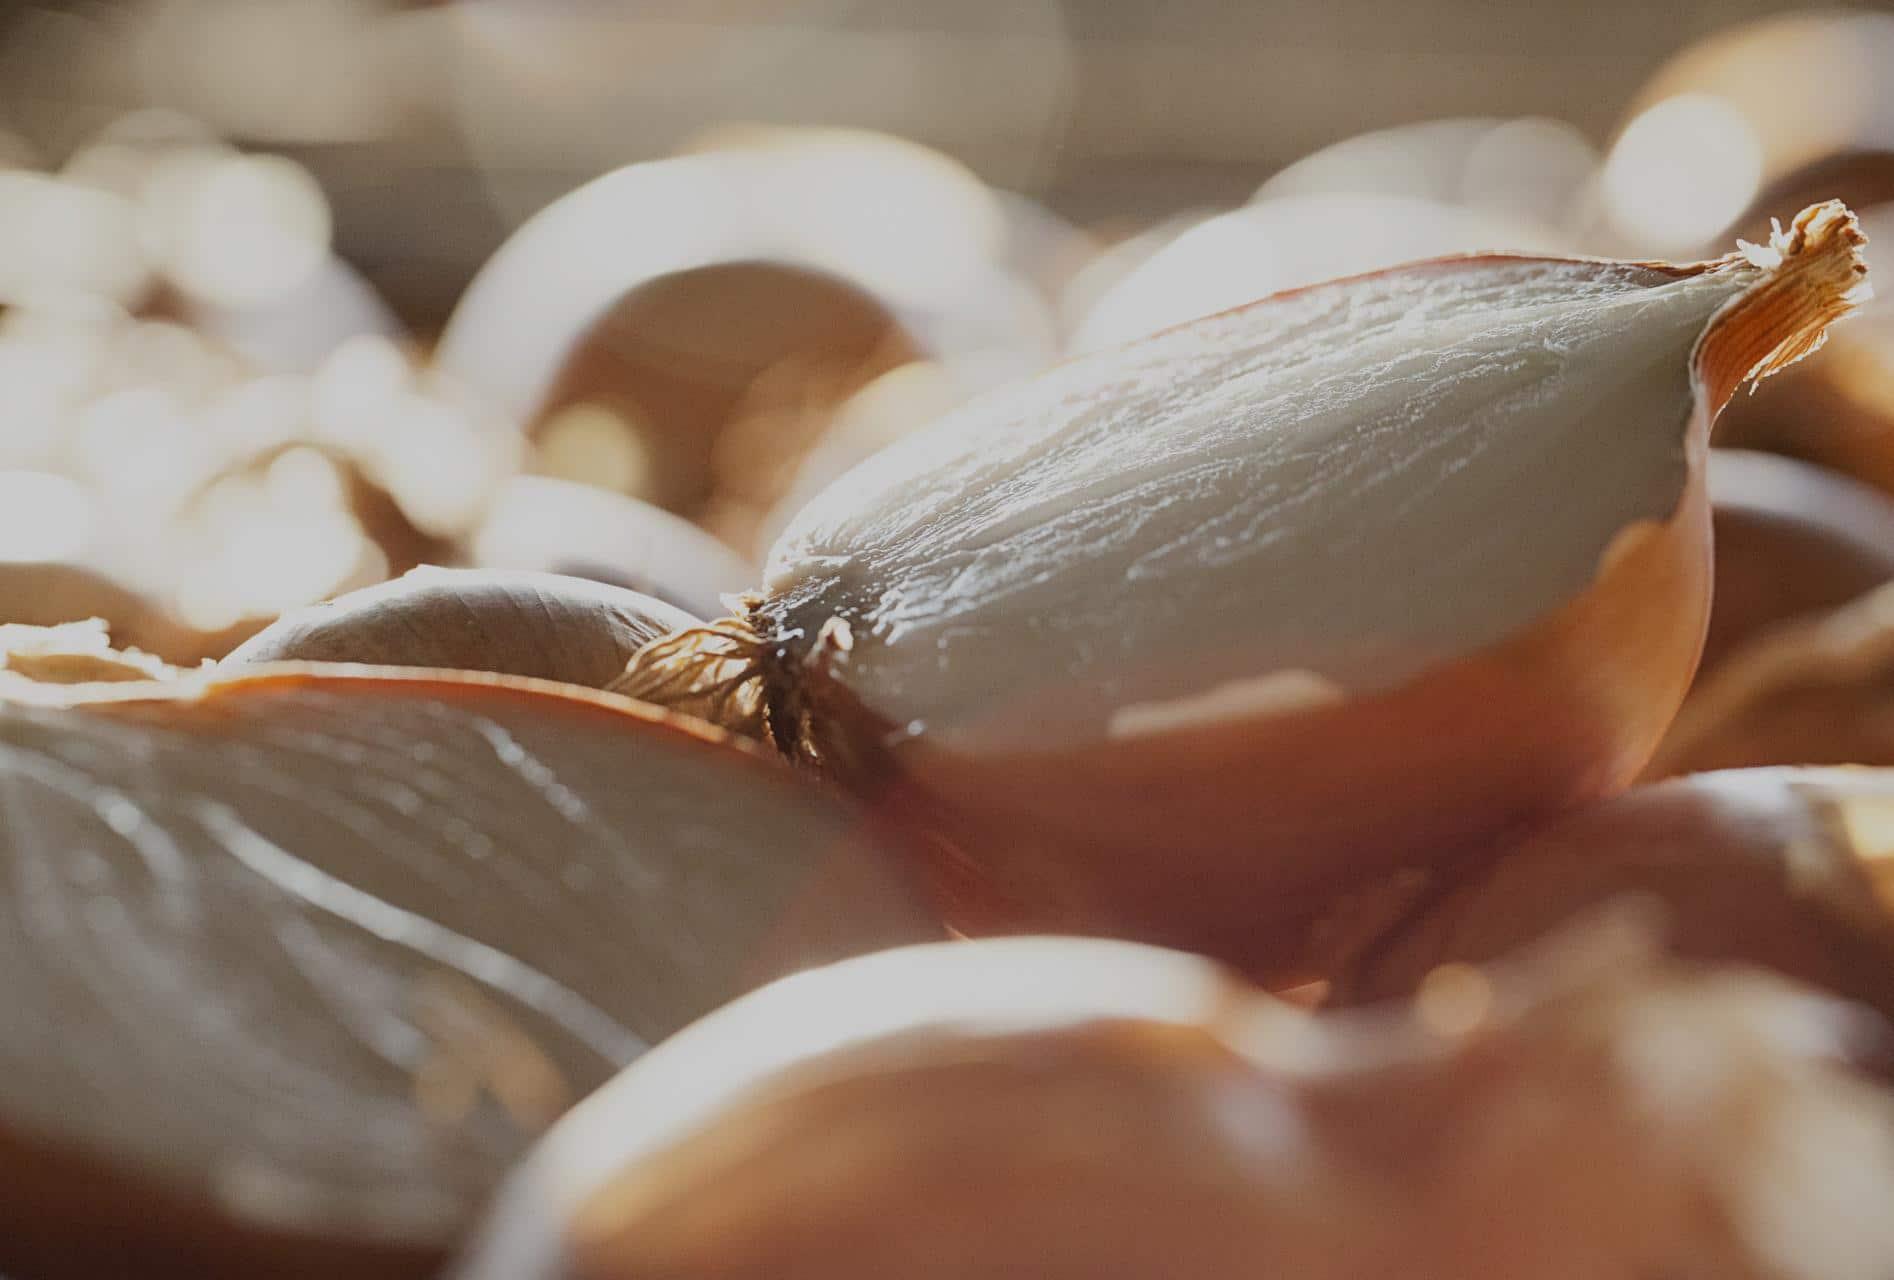 cebollas-marchite-nuestro-producto